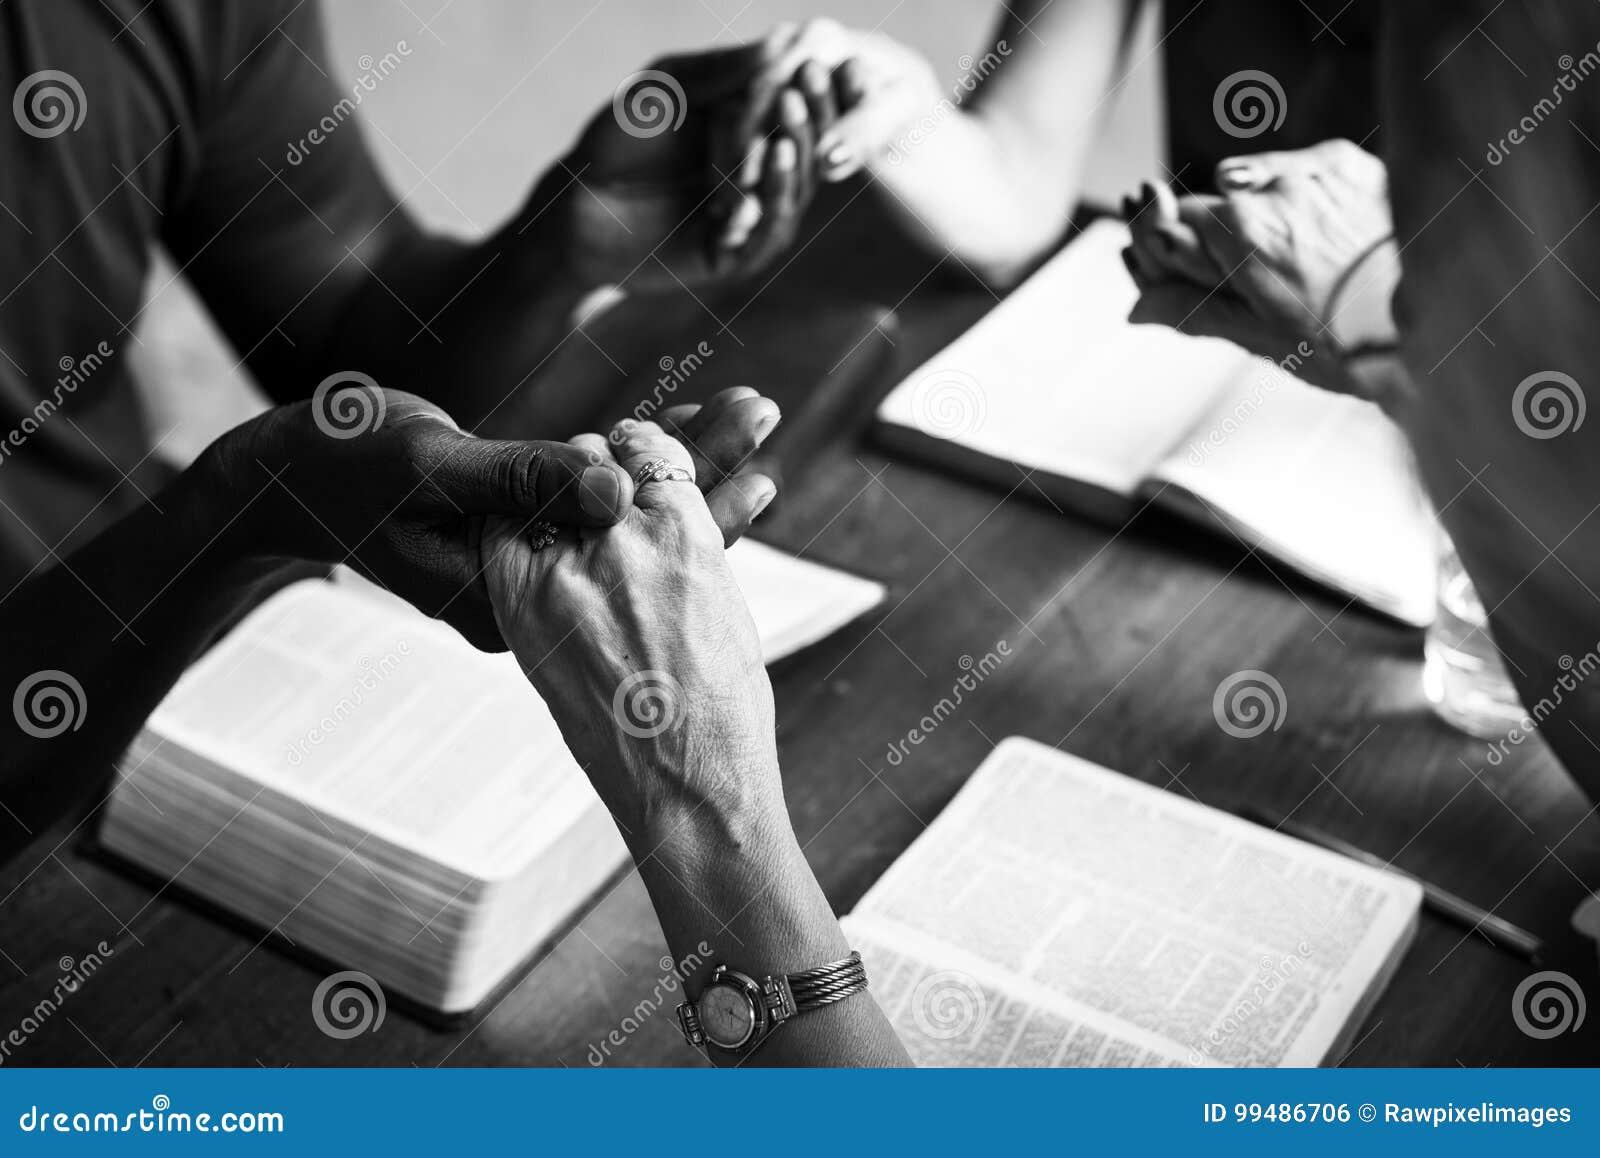 Η ομάδα χριστιανικών ανθρώπων προσεύχεται από κοινού